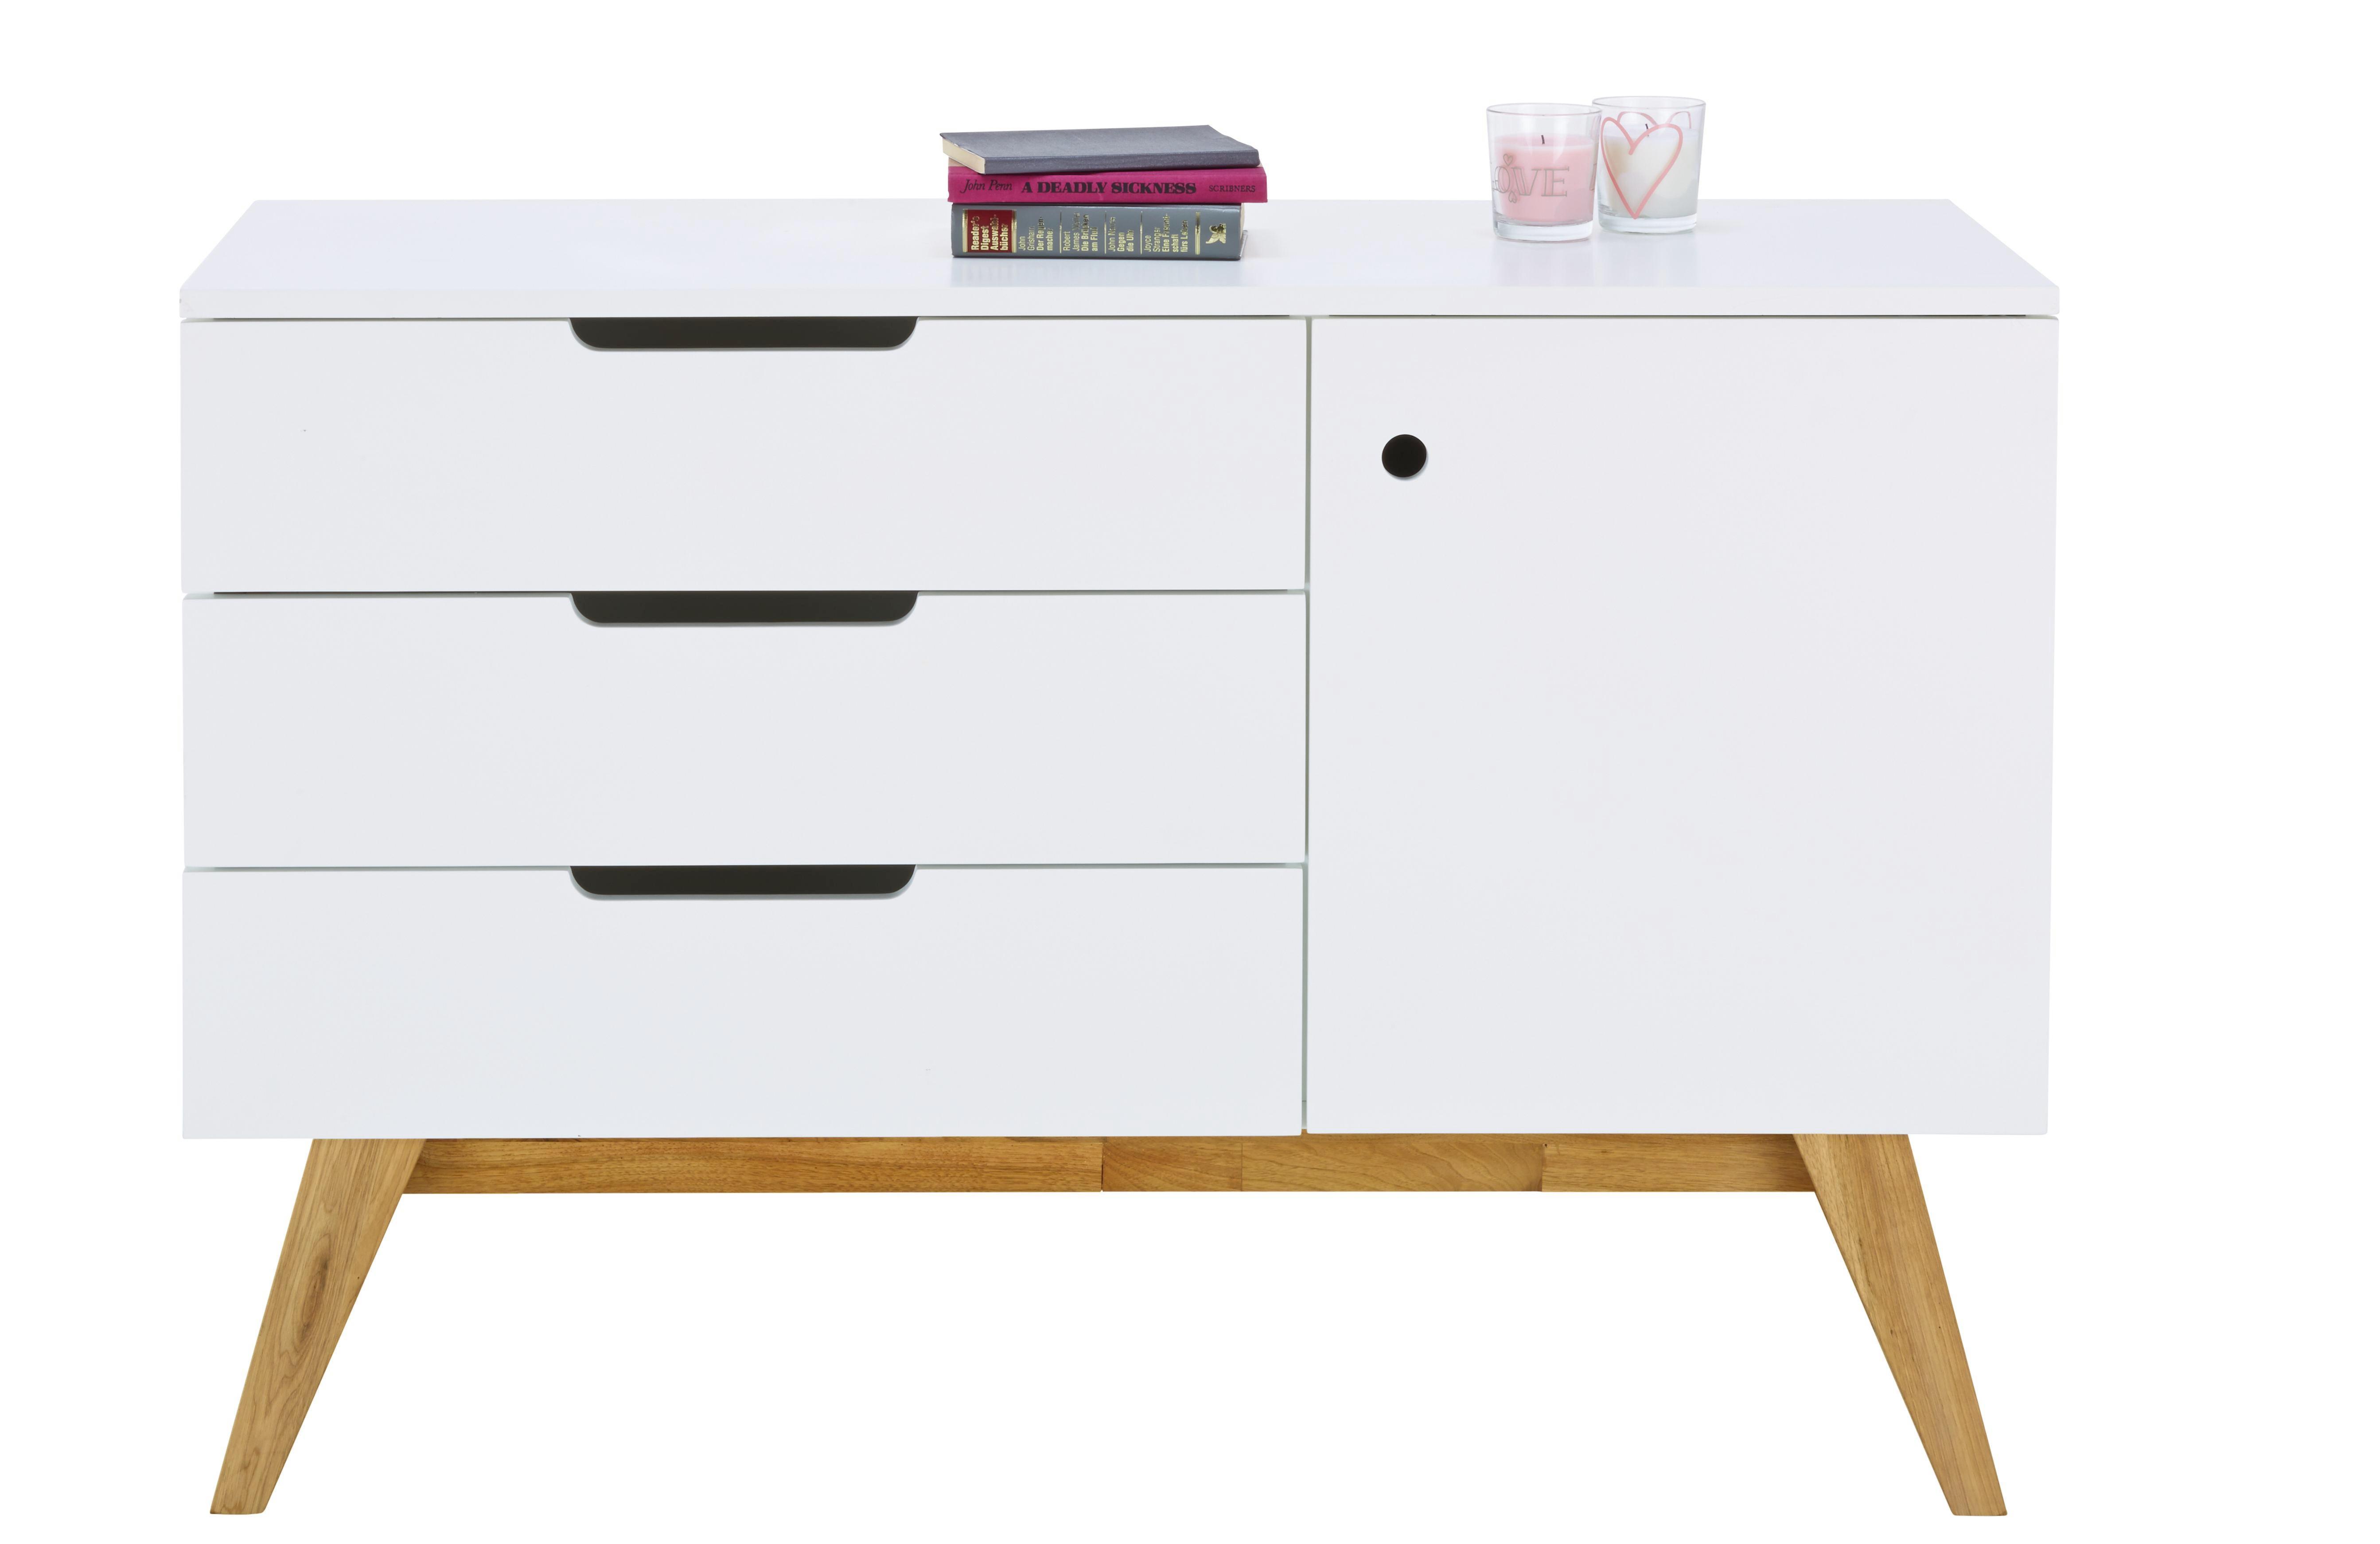 Sideboard in Natur/Weiß - Naturfarben/Weiß, Design, Holz/Holzwerkstoff (120/80/45cm) - ZANDIARA